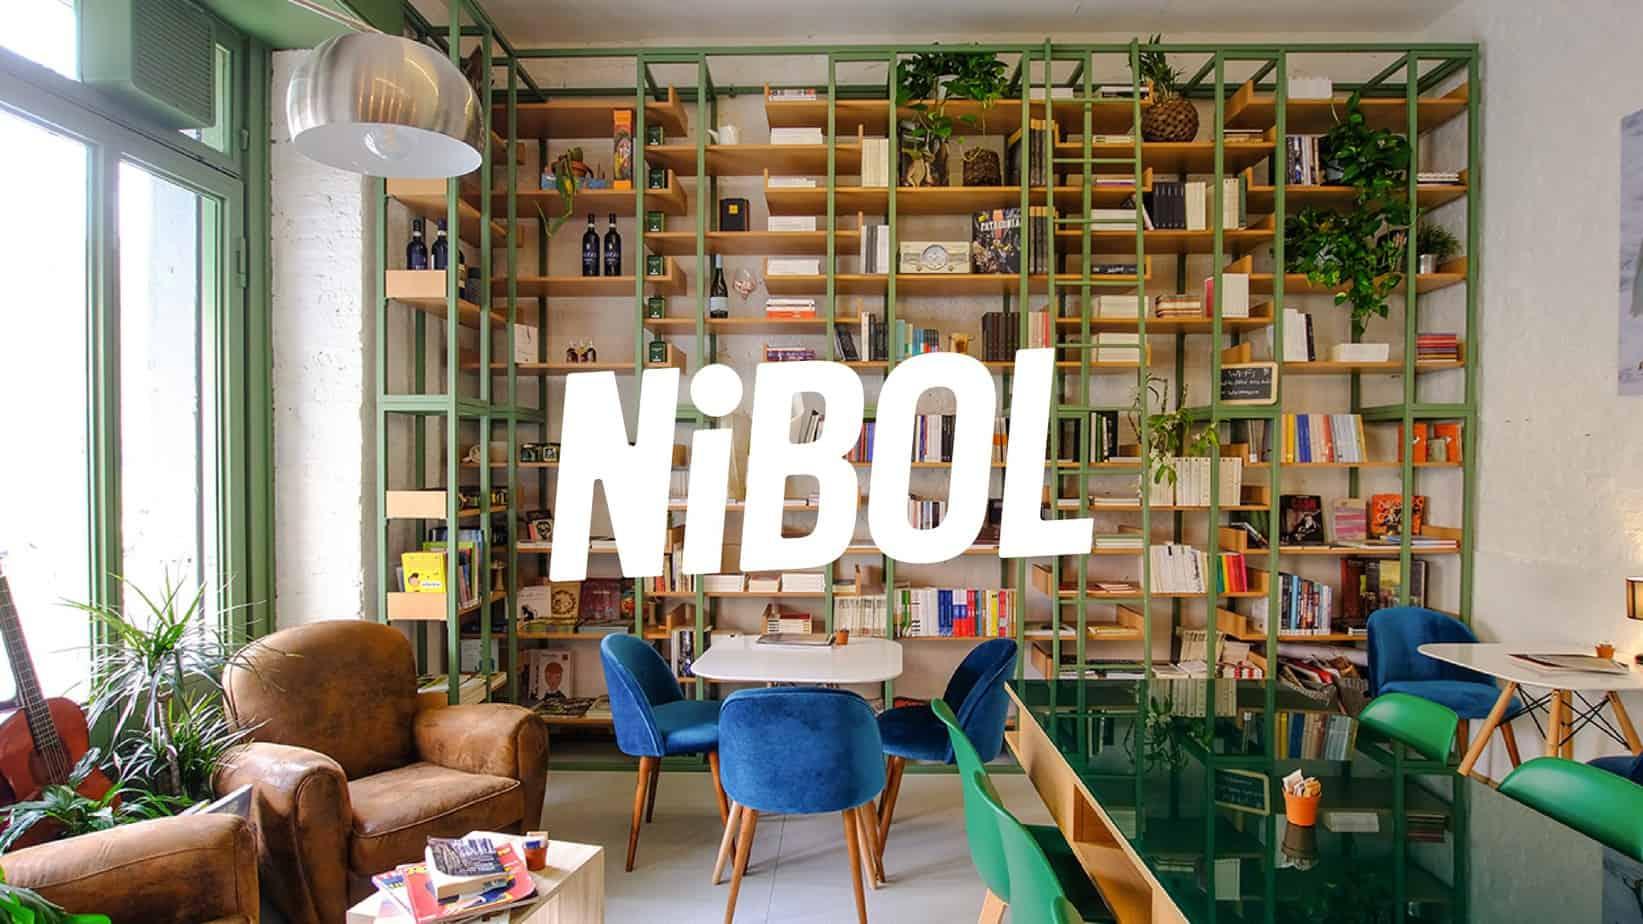 Nibol (Startup dell'ufficio diffuso): «Sempre più smart workers, ma la maggior parte preferisce lavorare in luoghi diversi da casa»